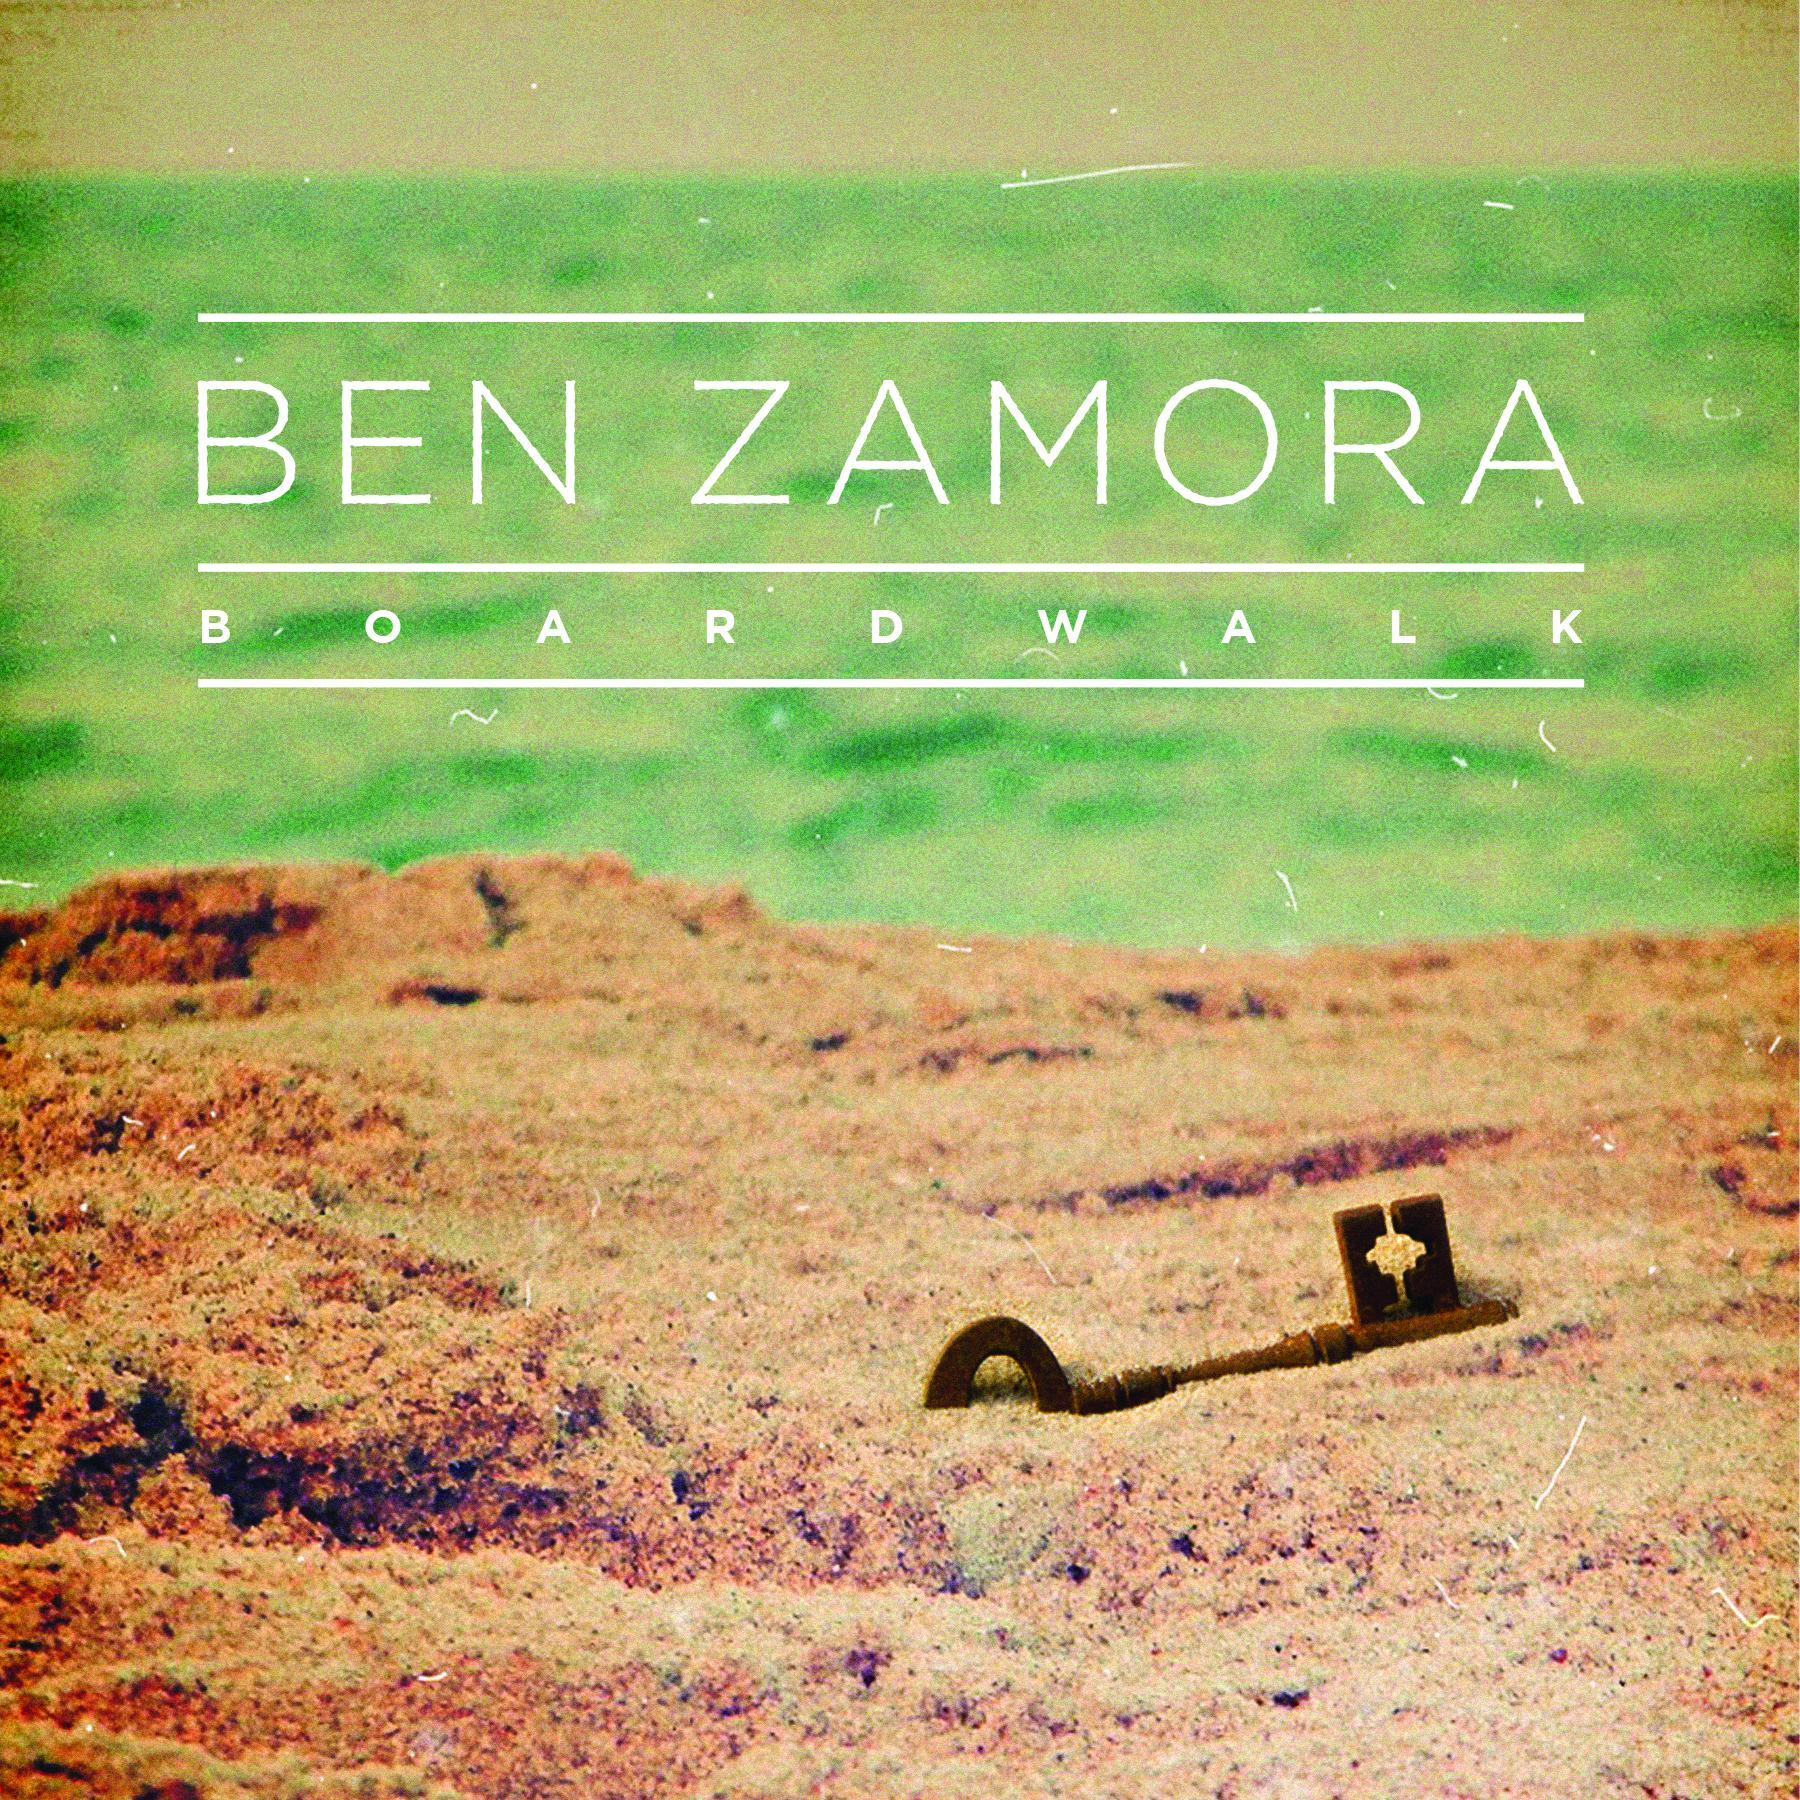 Ben Zamora